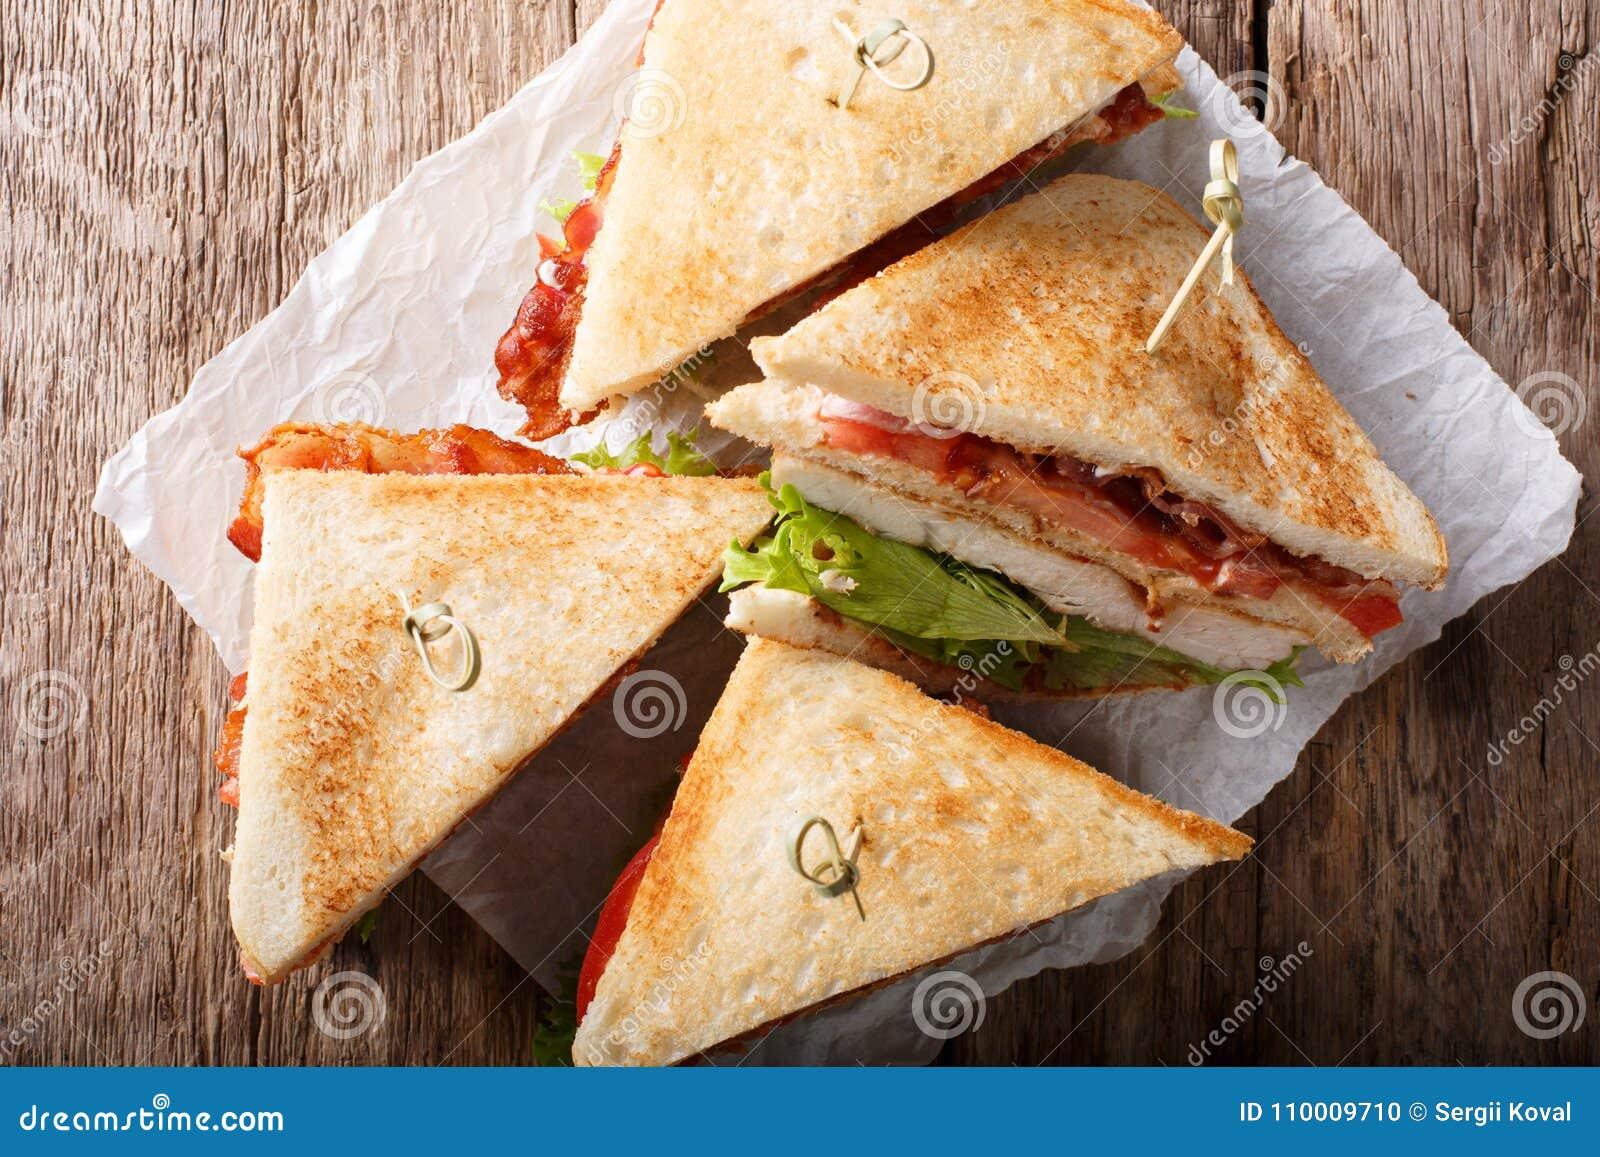 分层堆积三明治用火鸡肉、烟肉、蕃茄和lettuc